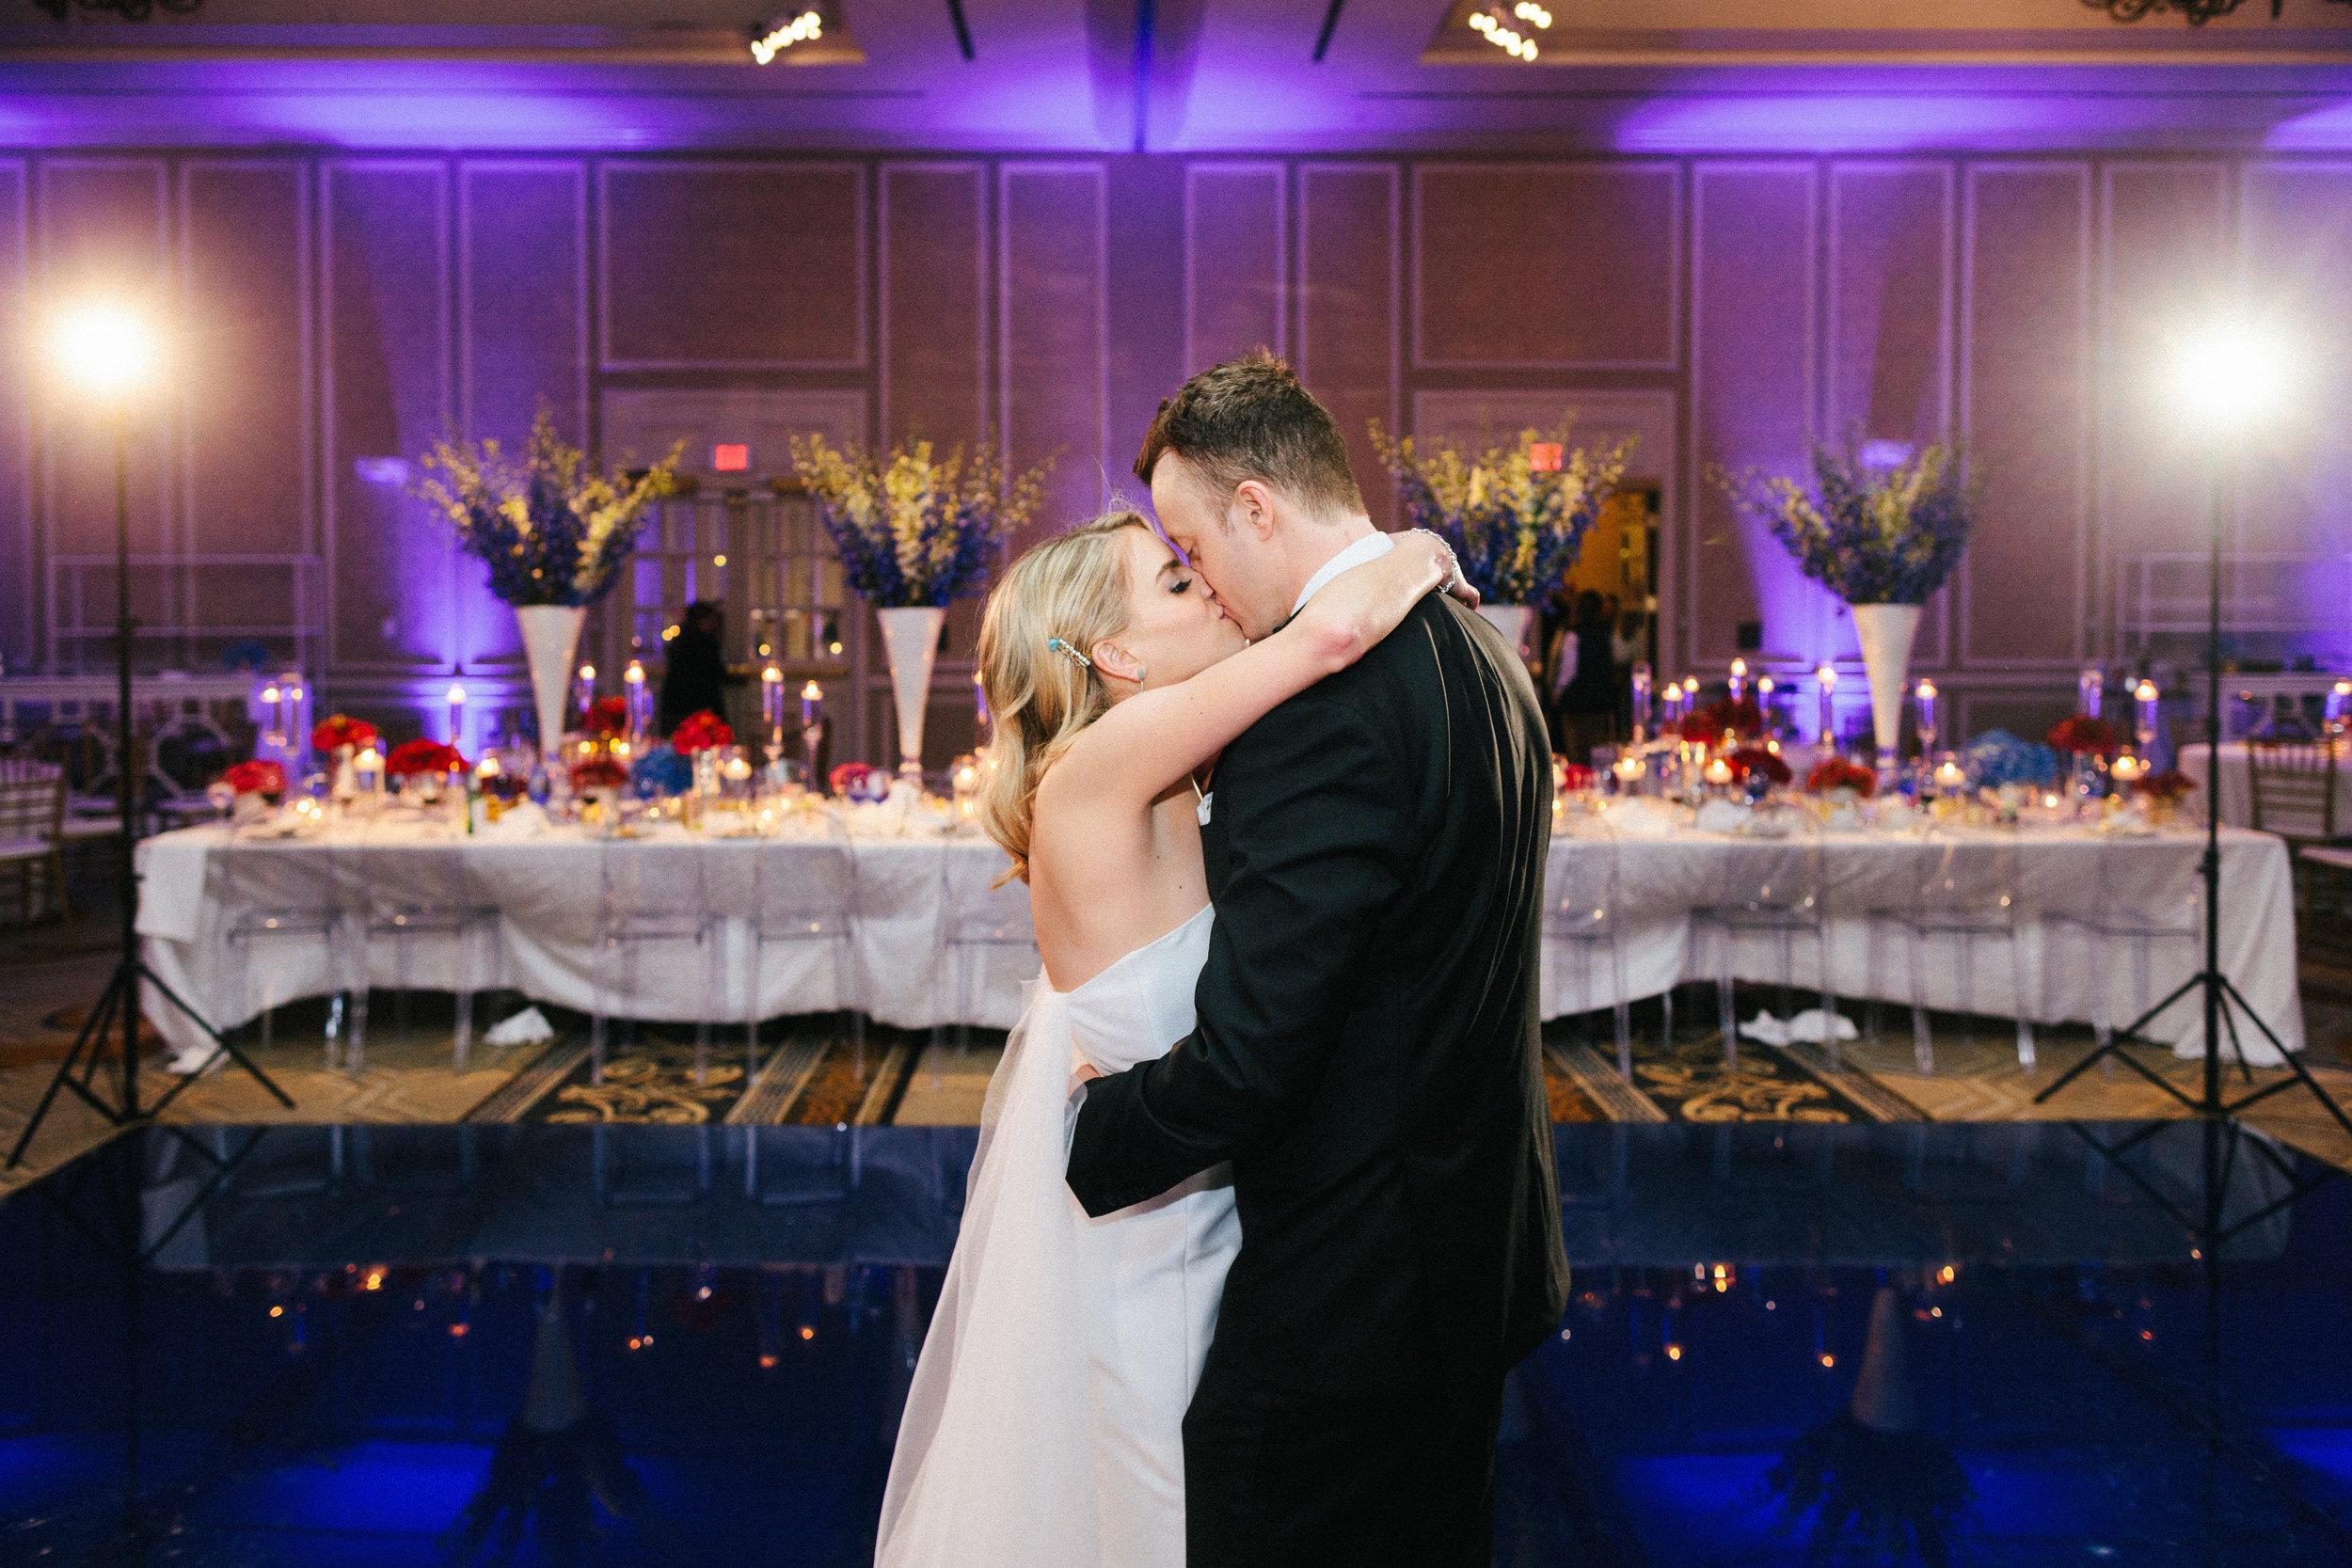 Reception - Adolphus Wedding - Dallas Wedding Planner - Allday Events - 316.jpg